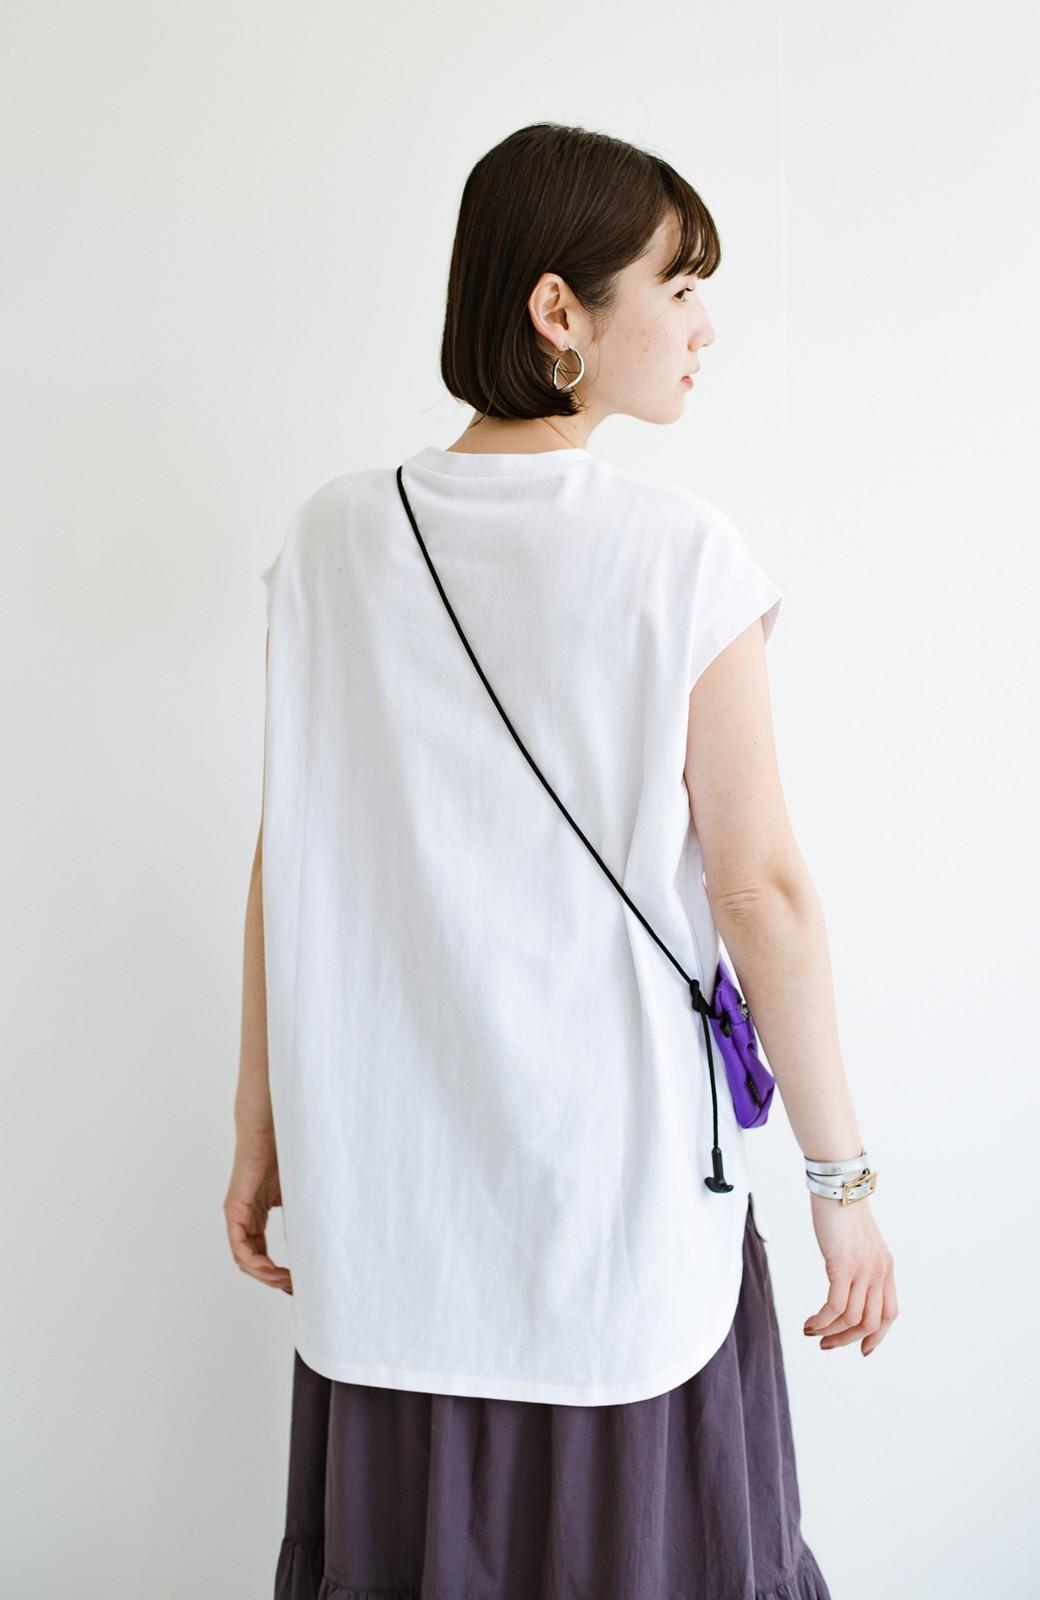 haco! 迷った朝はこれ着よう!元気が出るきれい色パンツにちょい袖大人Tシャツを合わせておいた作り置きコーデセット by que made me <その他>の商品写真18